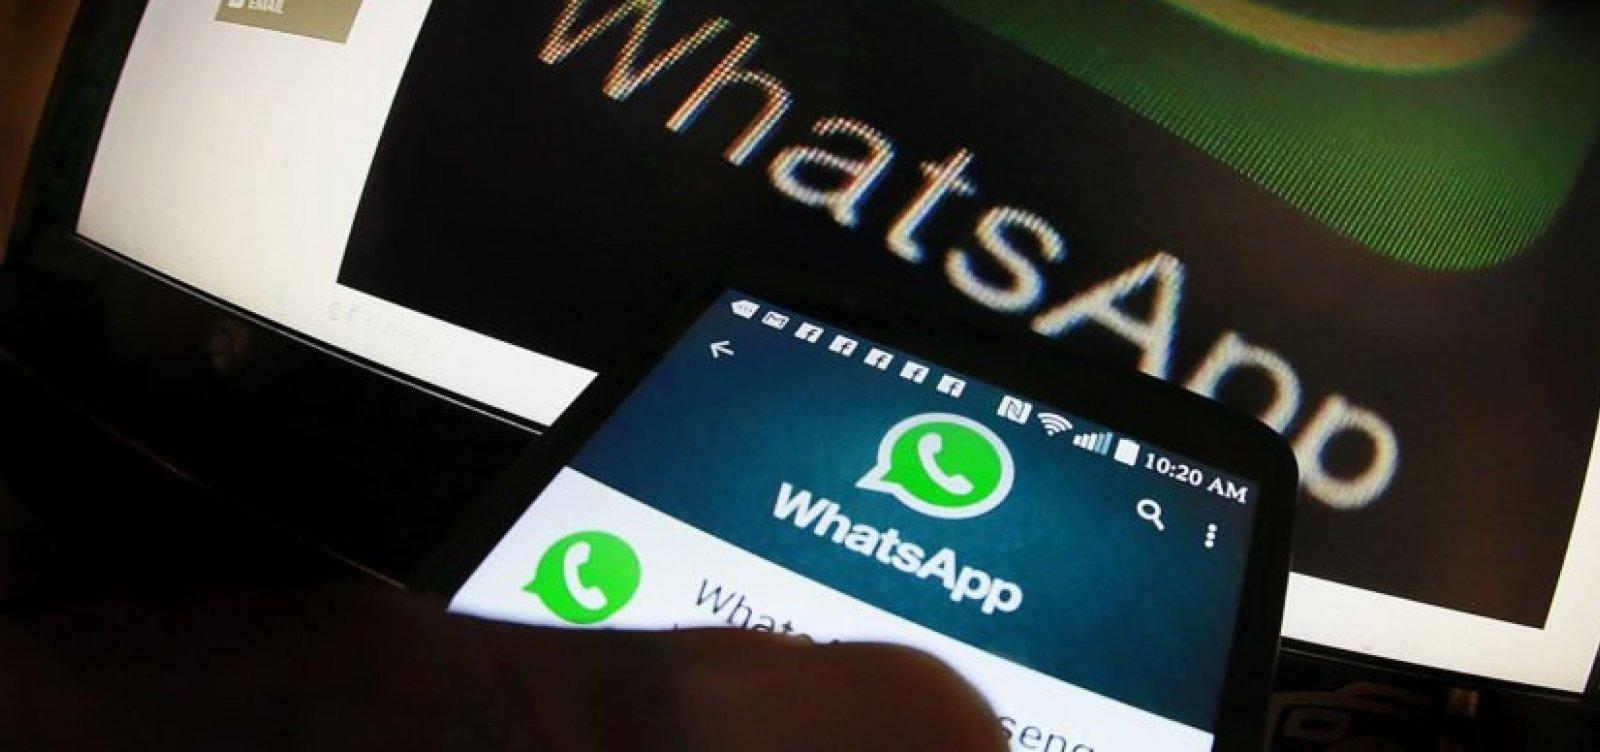 [WhatsApp vai investigar disparo de mensagens contra o PT]